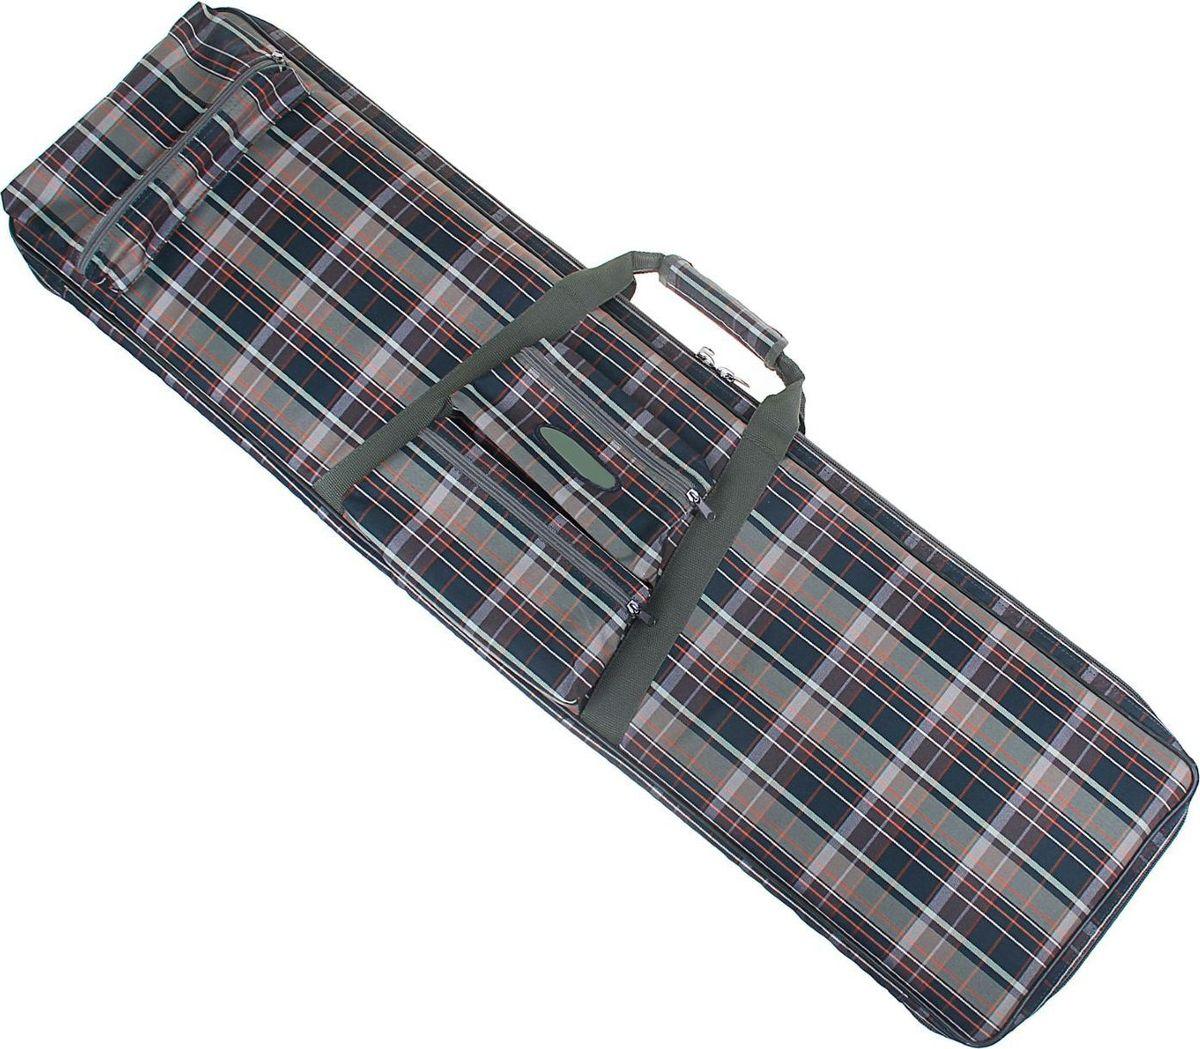 Чехол для оружия, 115 х 30 см. 12571761257176Чехол для хранения и переноса винтовки, из клетчатой водонепроницаемой ткани шотландка, размер — 1150х300. Внутри чехла — карман-сетка и лямки для фиксации оружия.